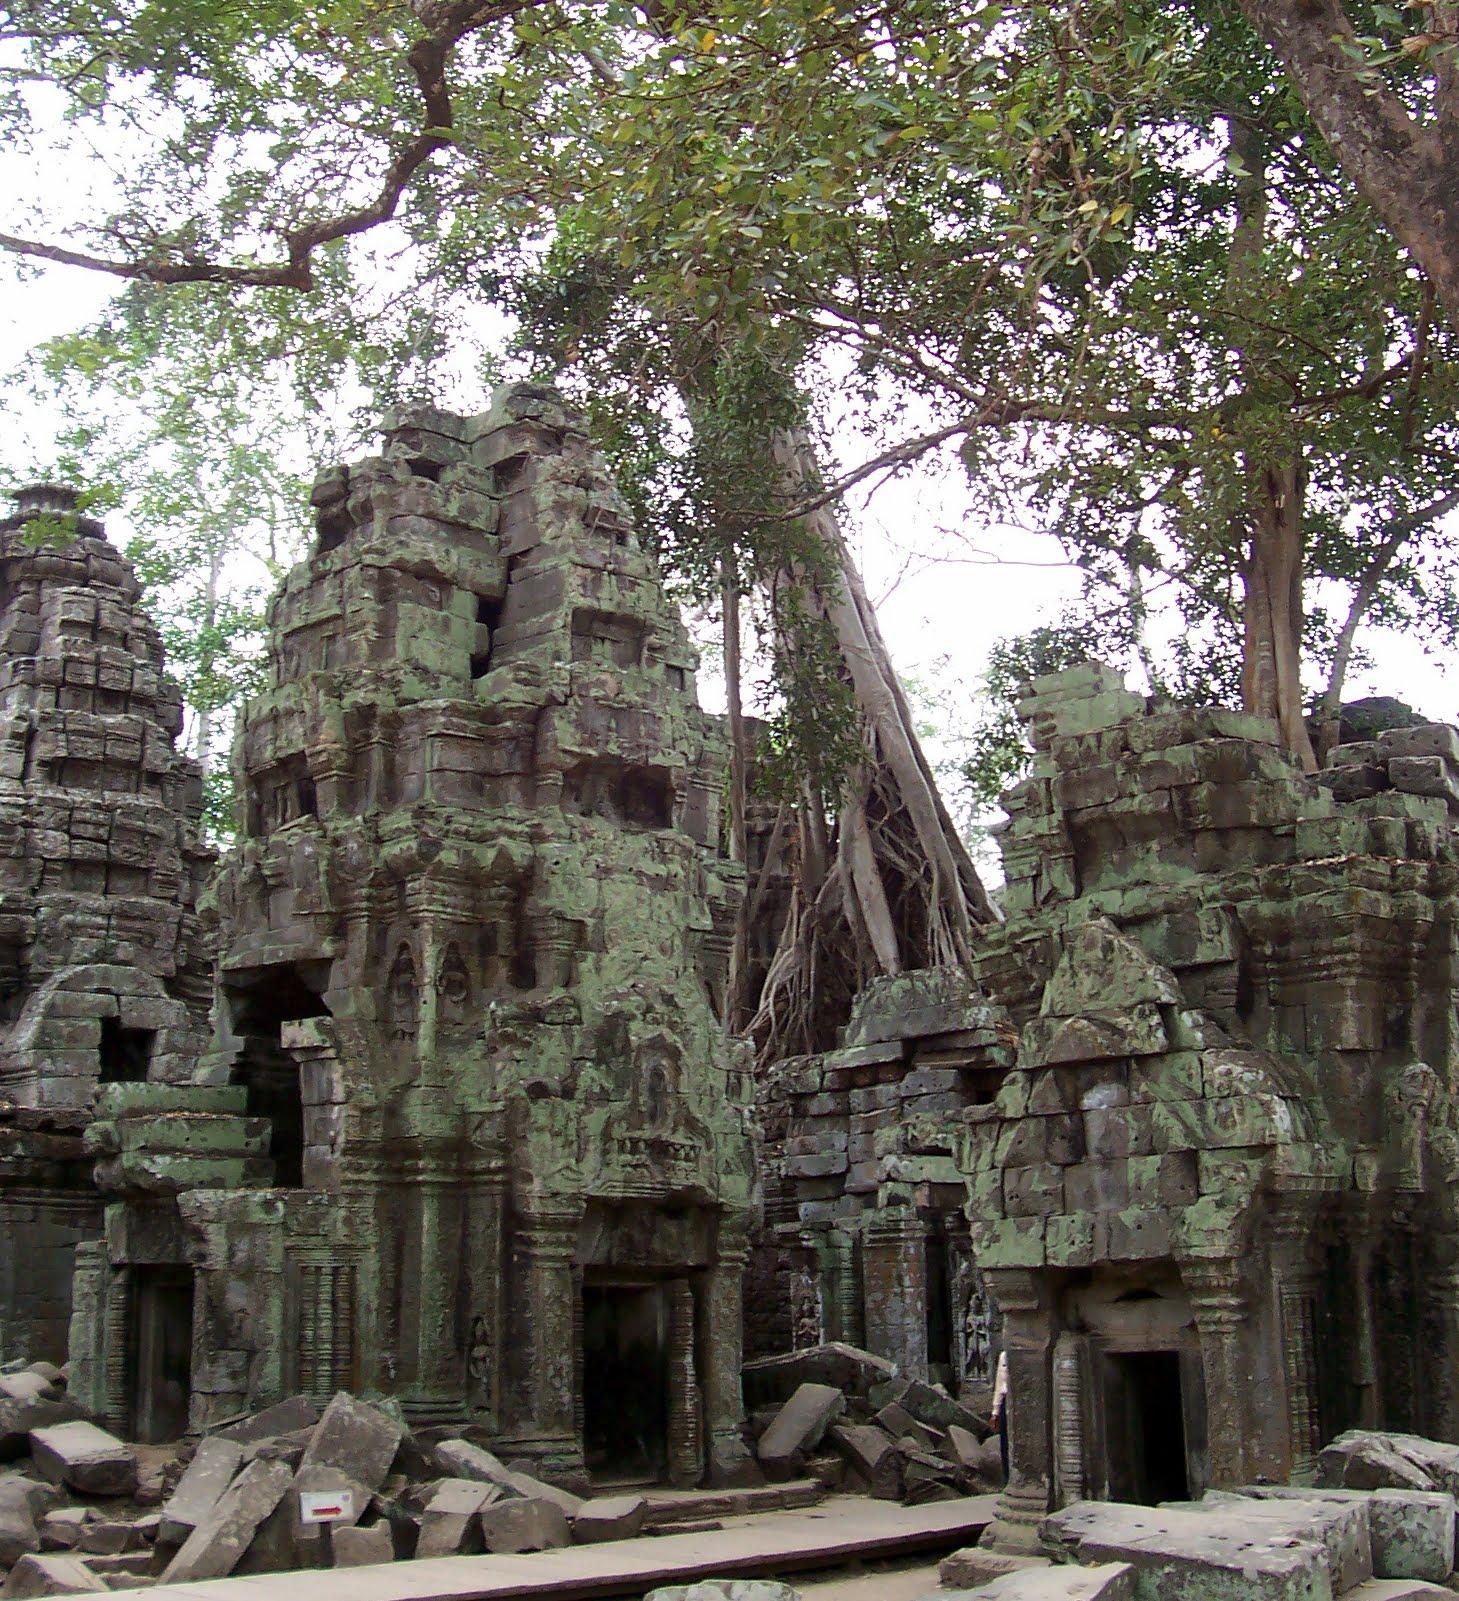 A photo of Angkor Wat